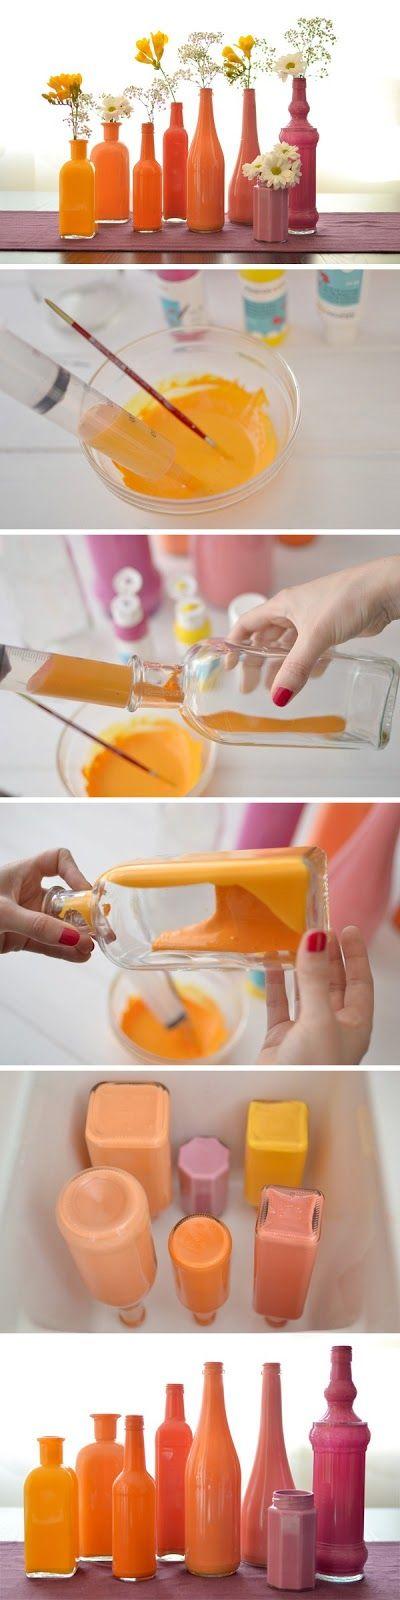 Pinta botellas y tendrás unos bonitos jarrones